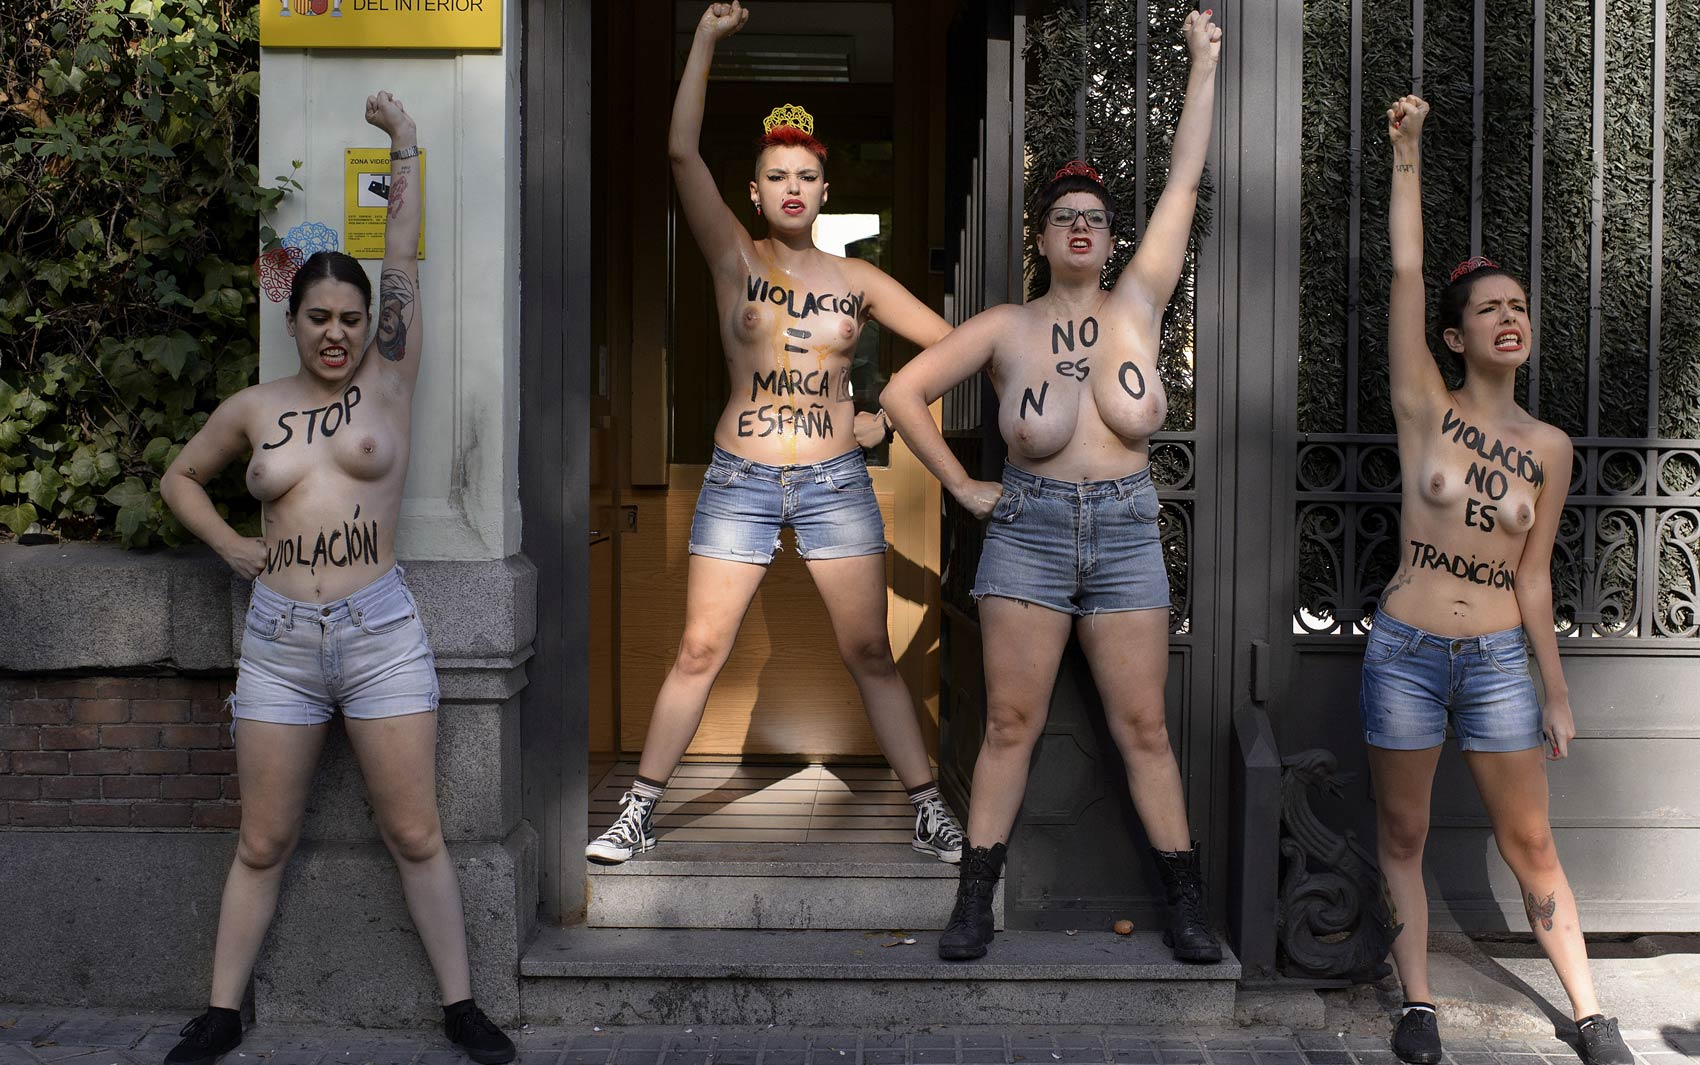 orgia de prostitutas en el parque prostitutas valldaura